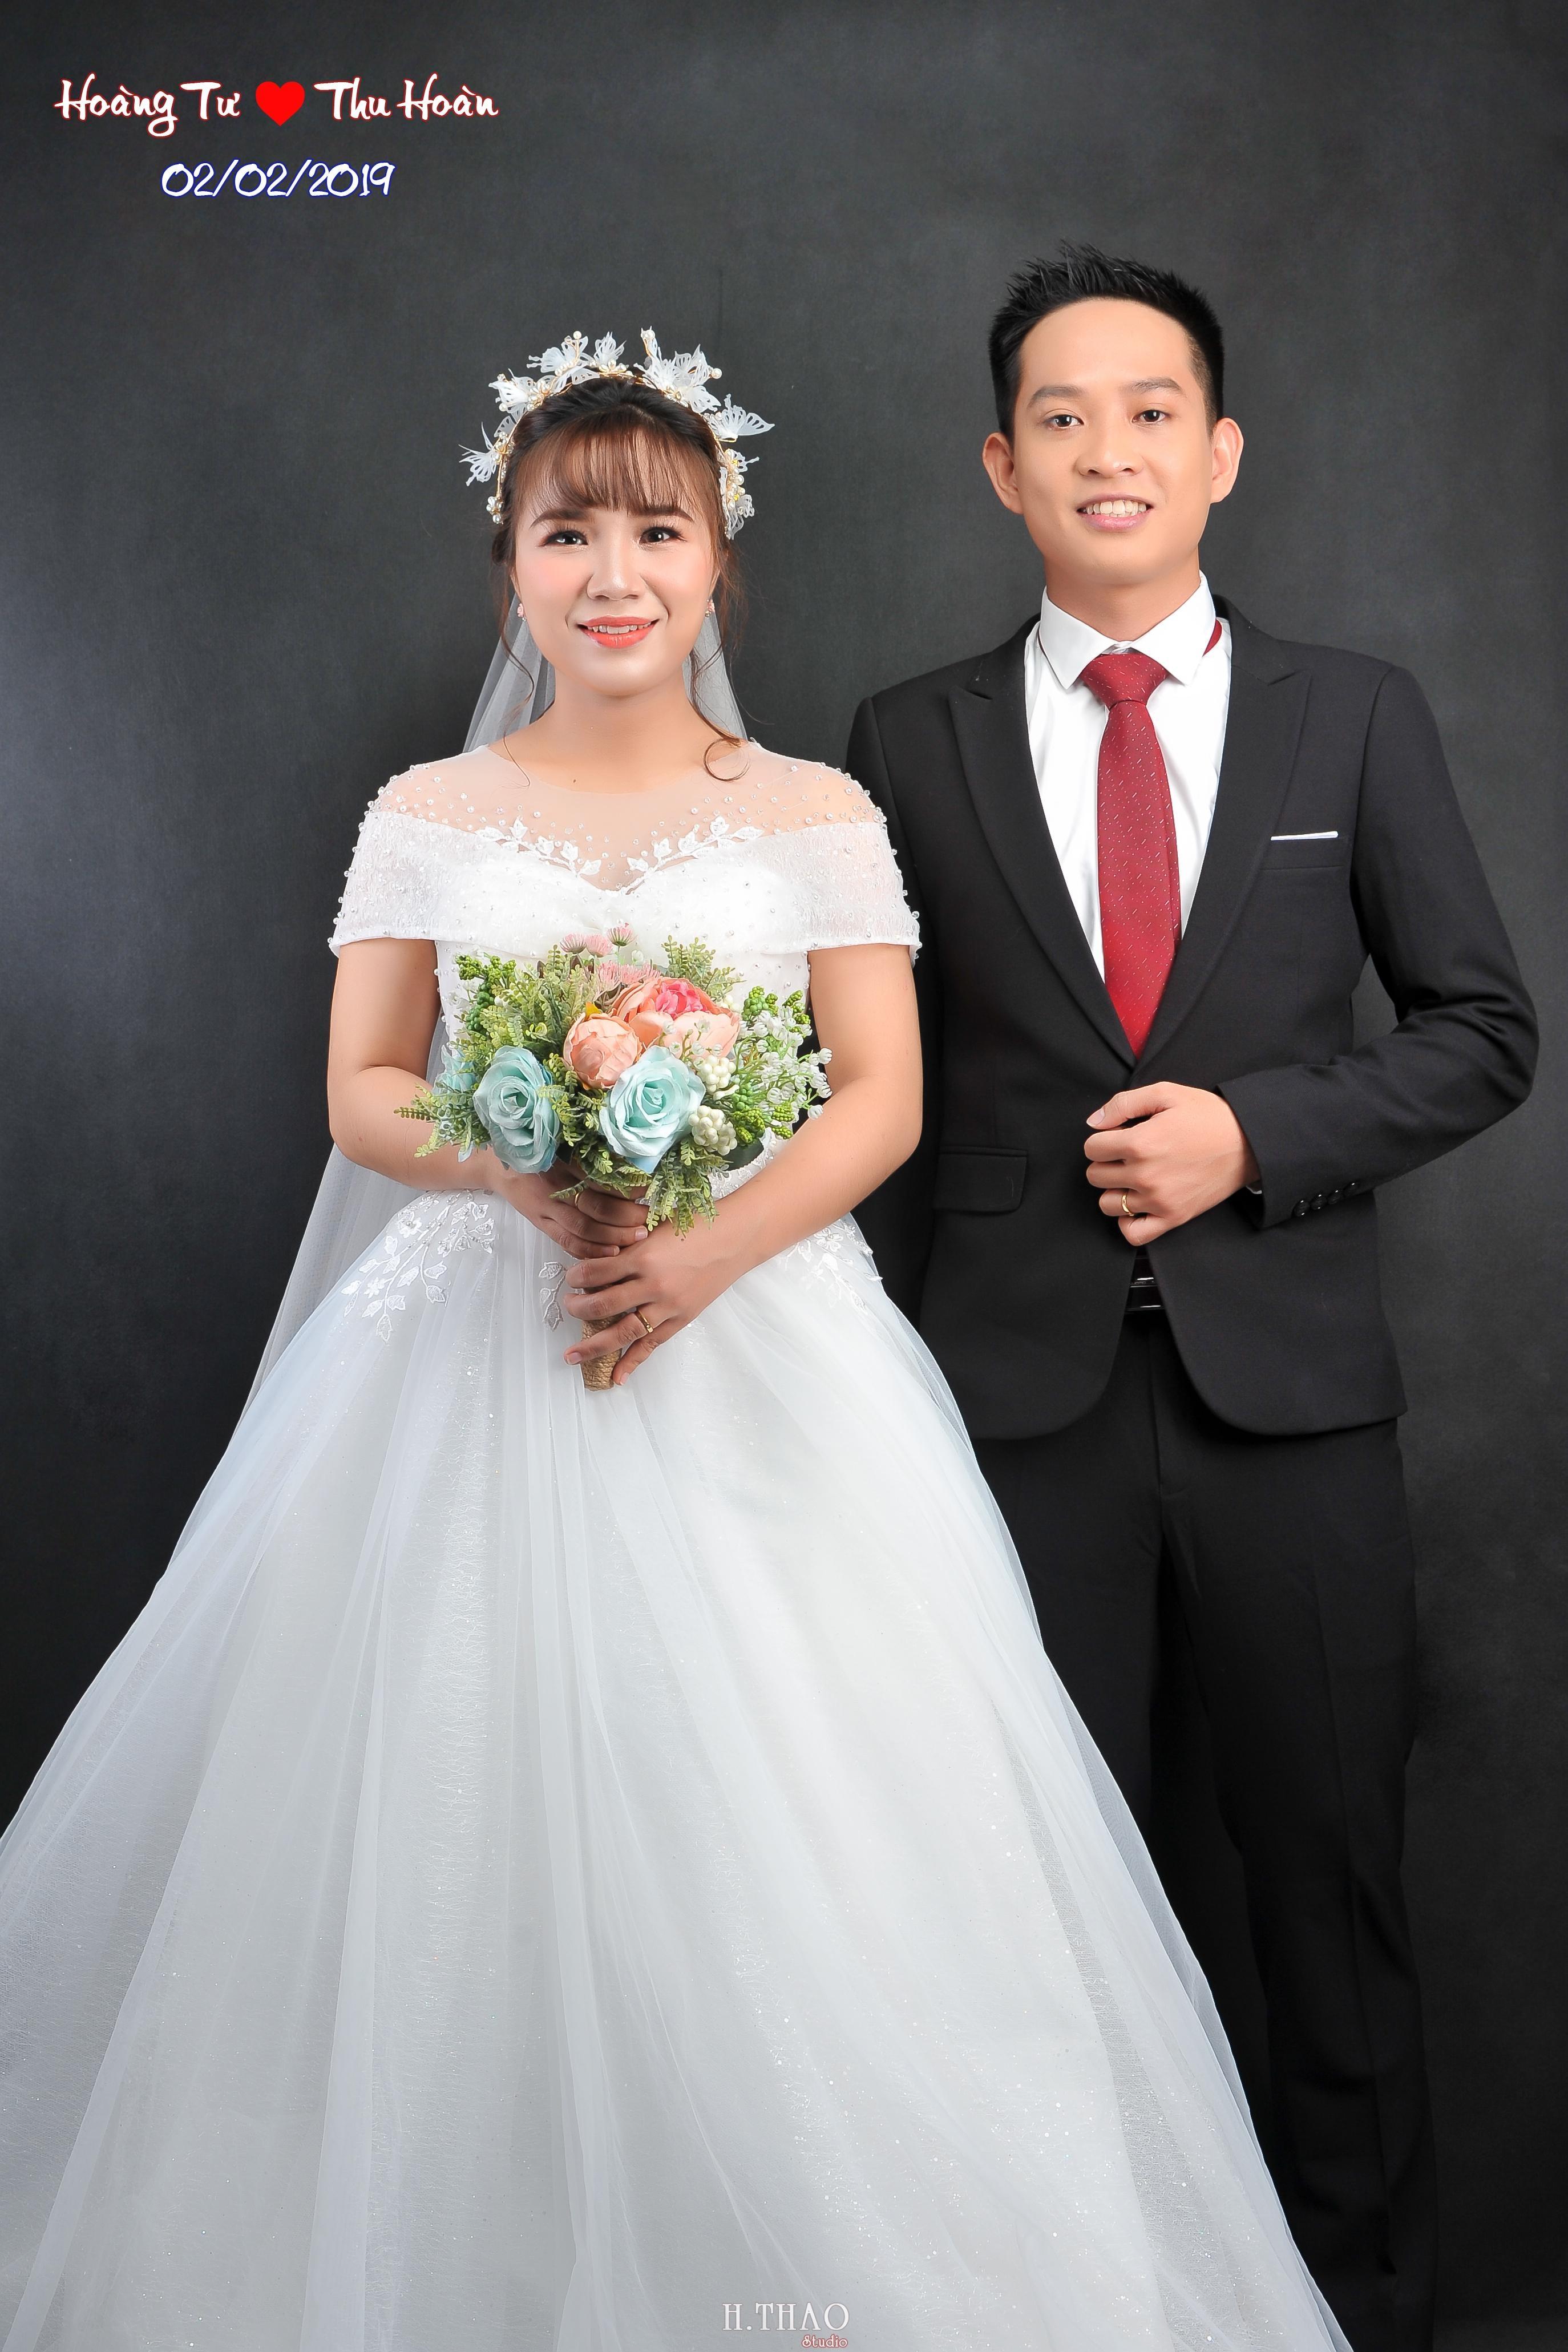 Anh cuoi style Han quoc 19 min - Chụp ảnh cưới đơn giản mà đẹp tại studio – HThao Studio Tp.HCM